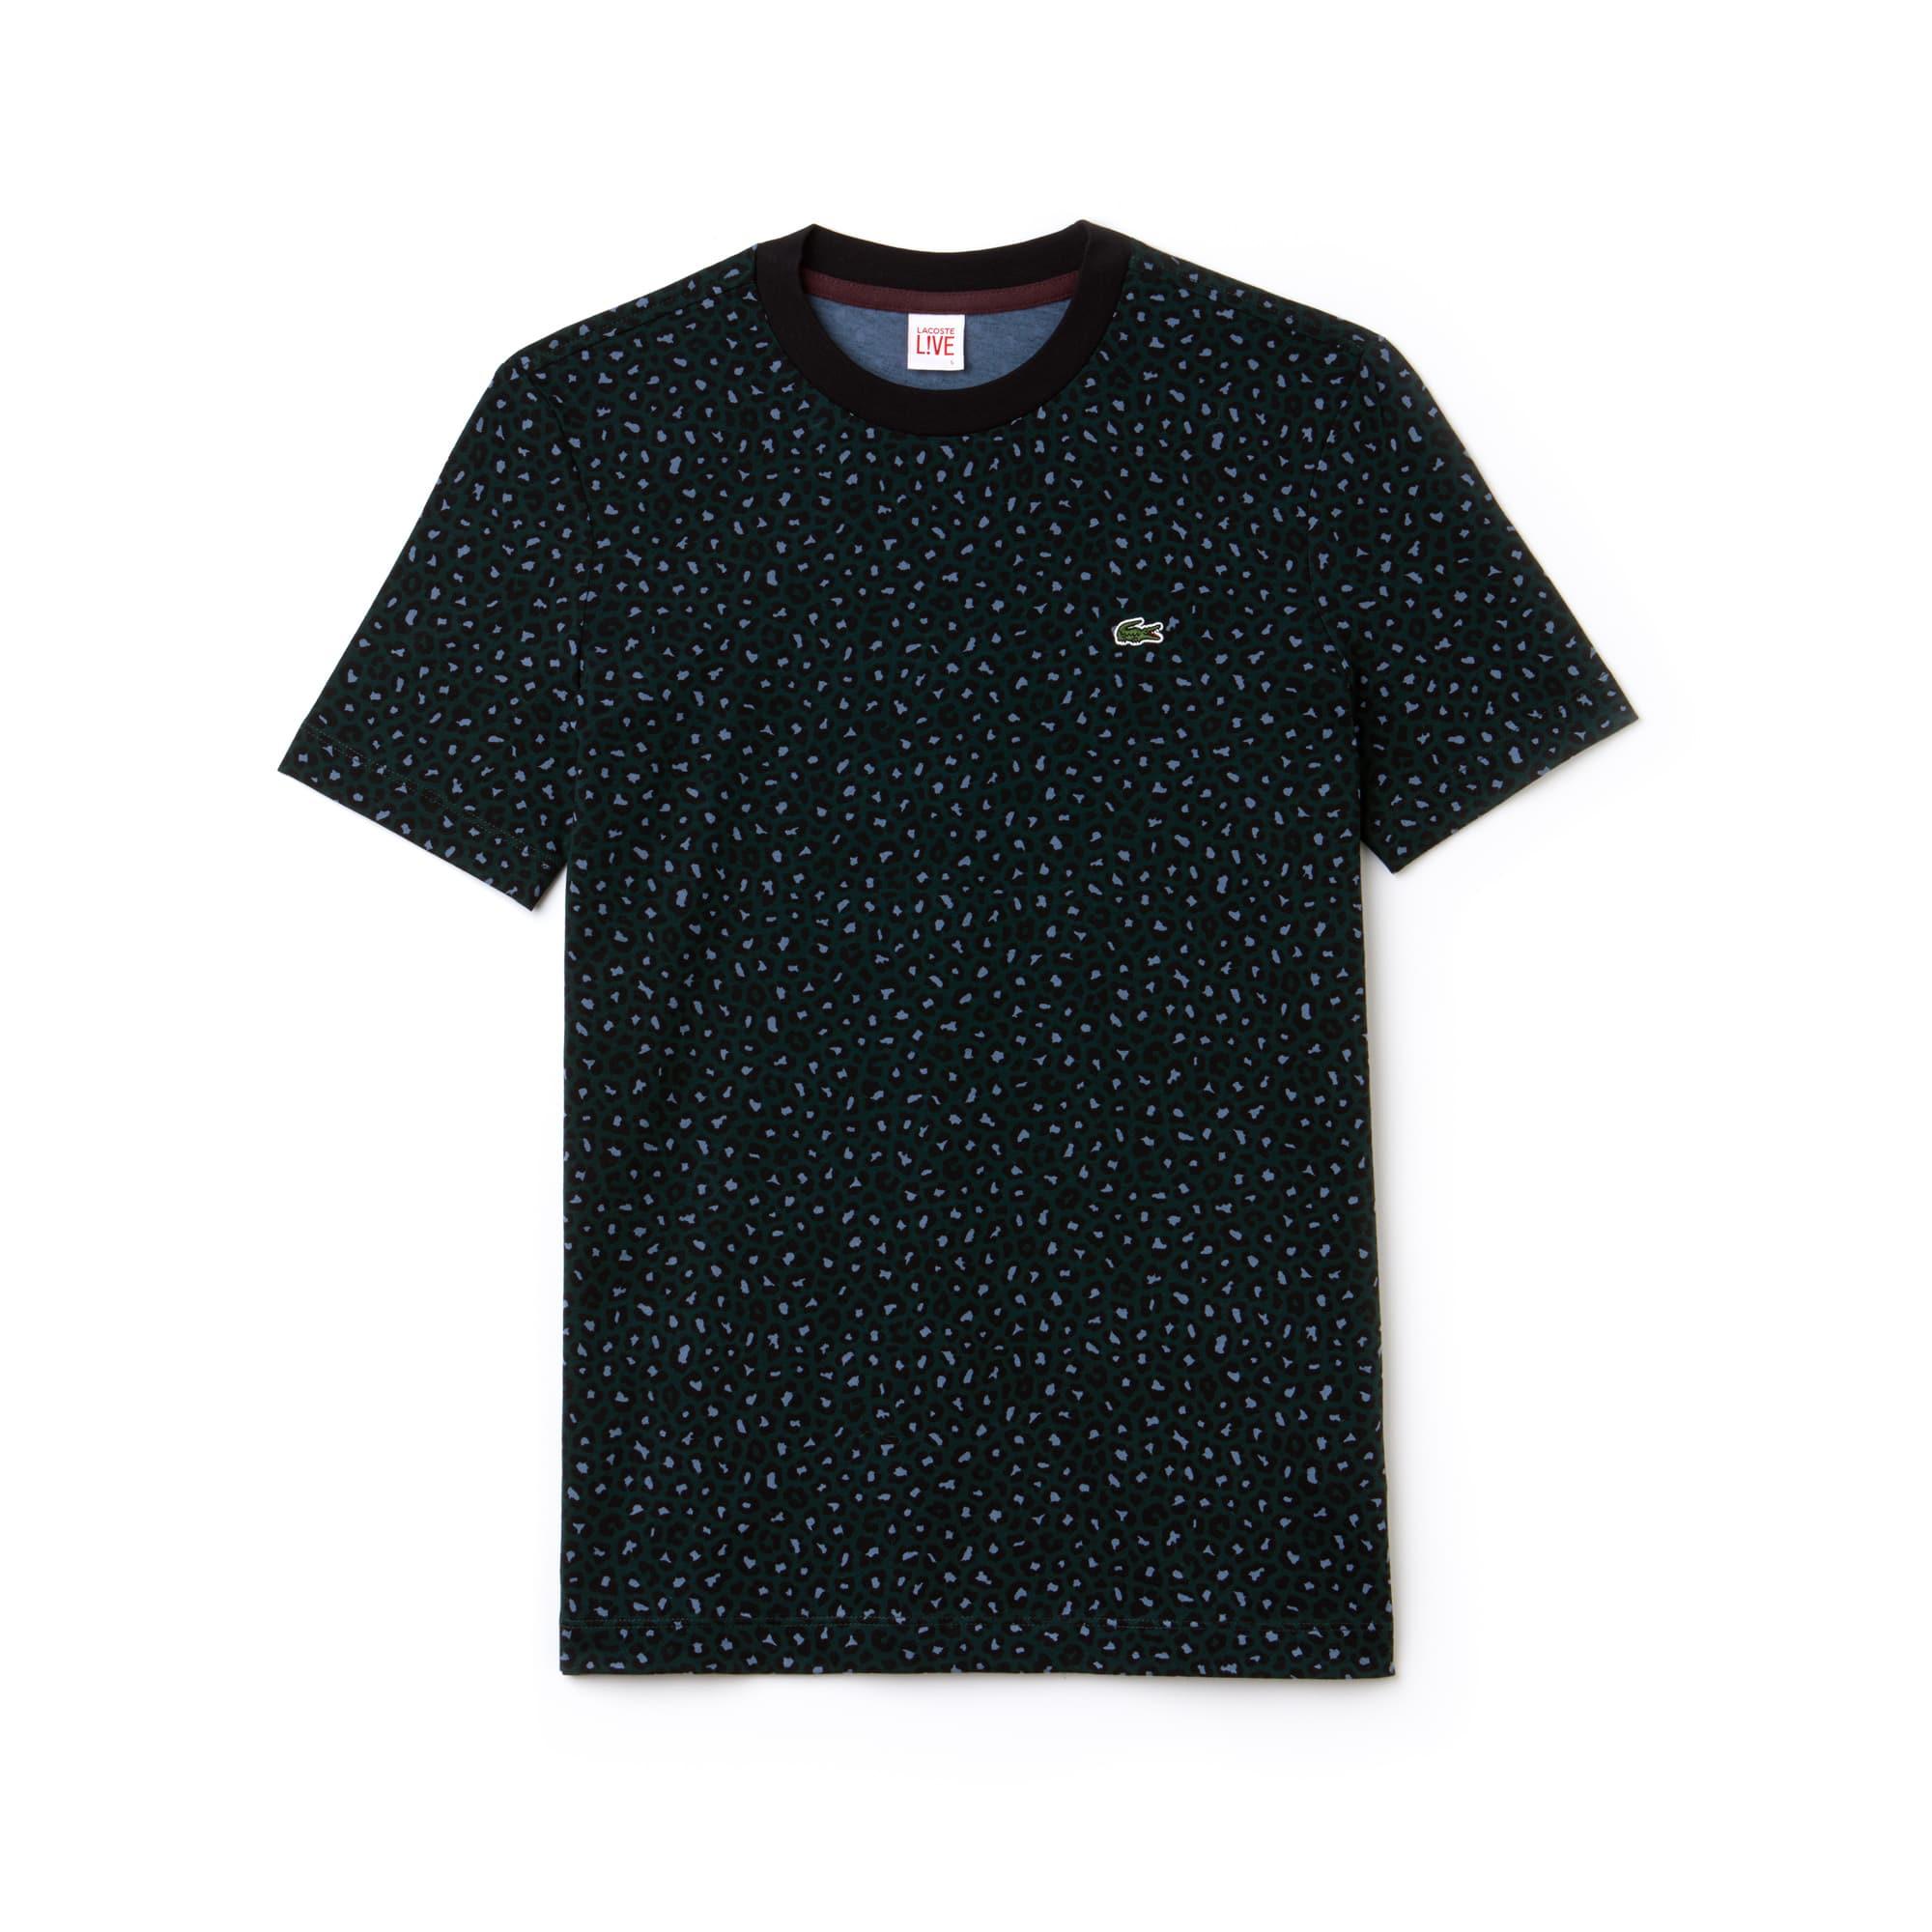 Camiseta De Hombre Lacoste LIVE En Tejido De Punto Con Estampado De Leopardo Y Cuello Redondo